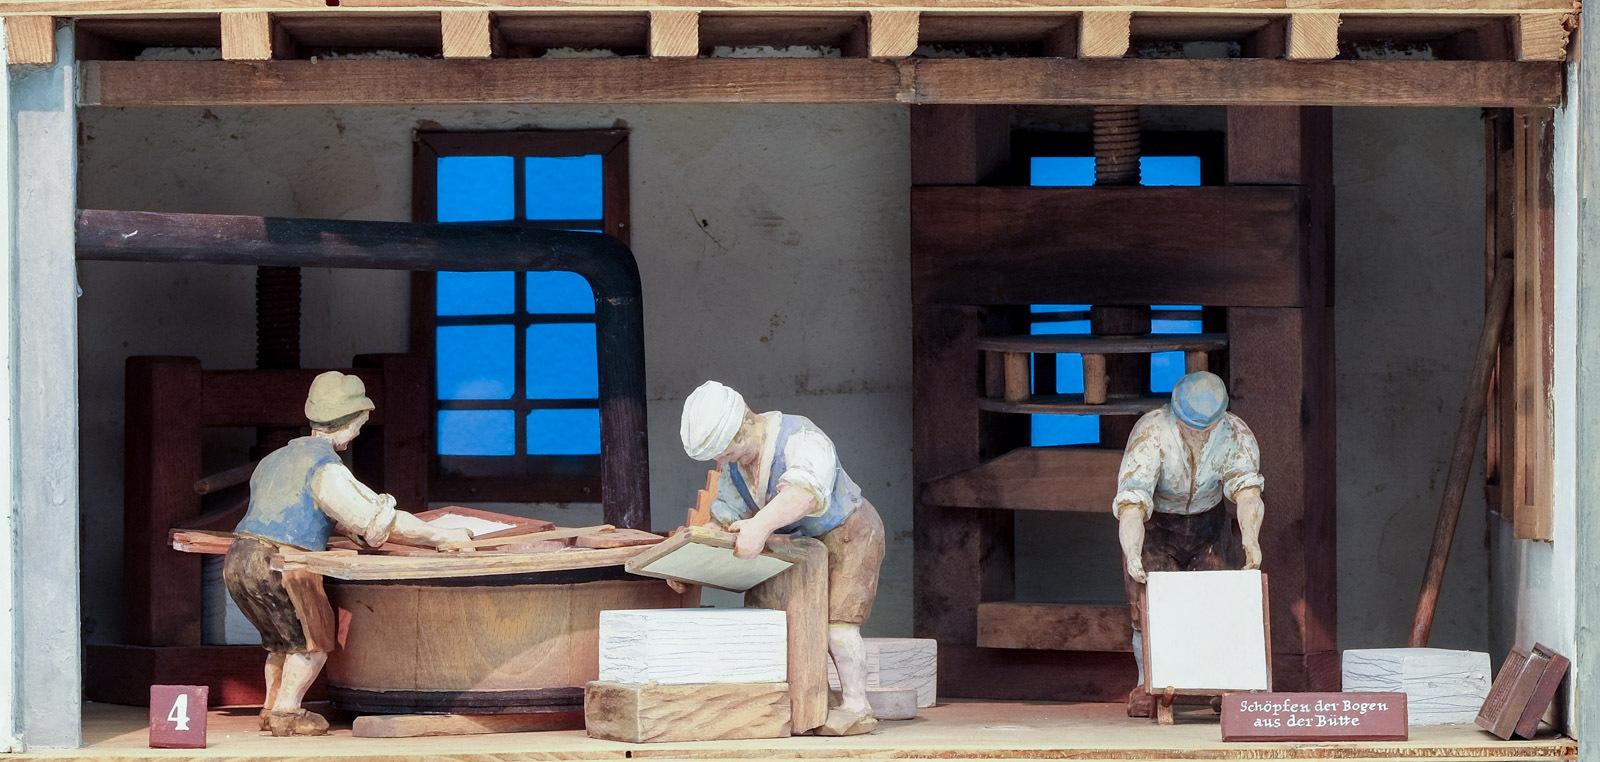 Papiermühle: Schöpfen der Bogen aus der Bütte